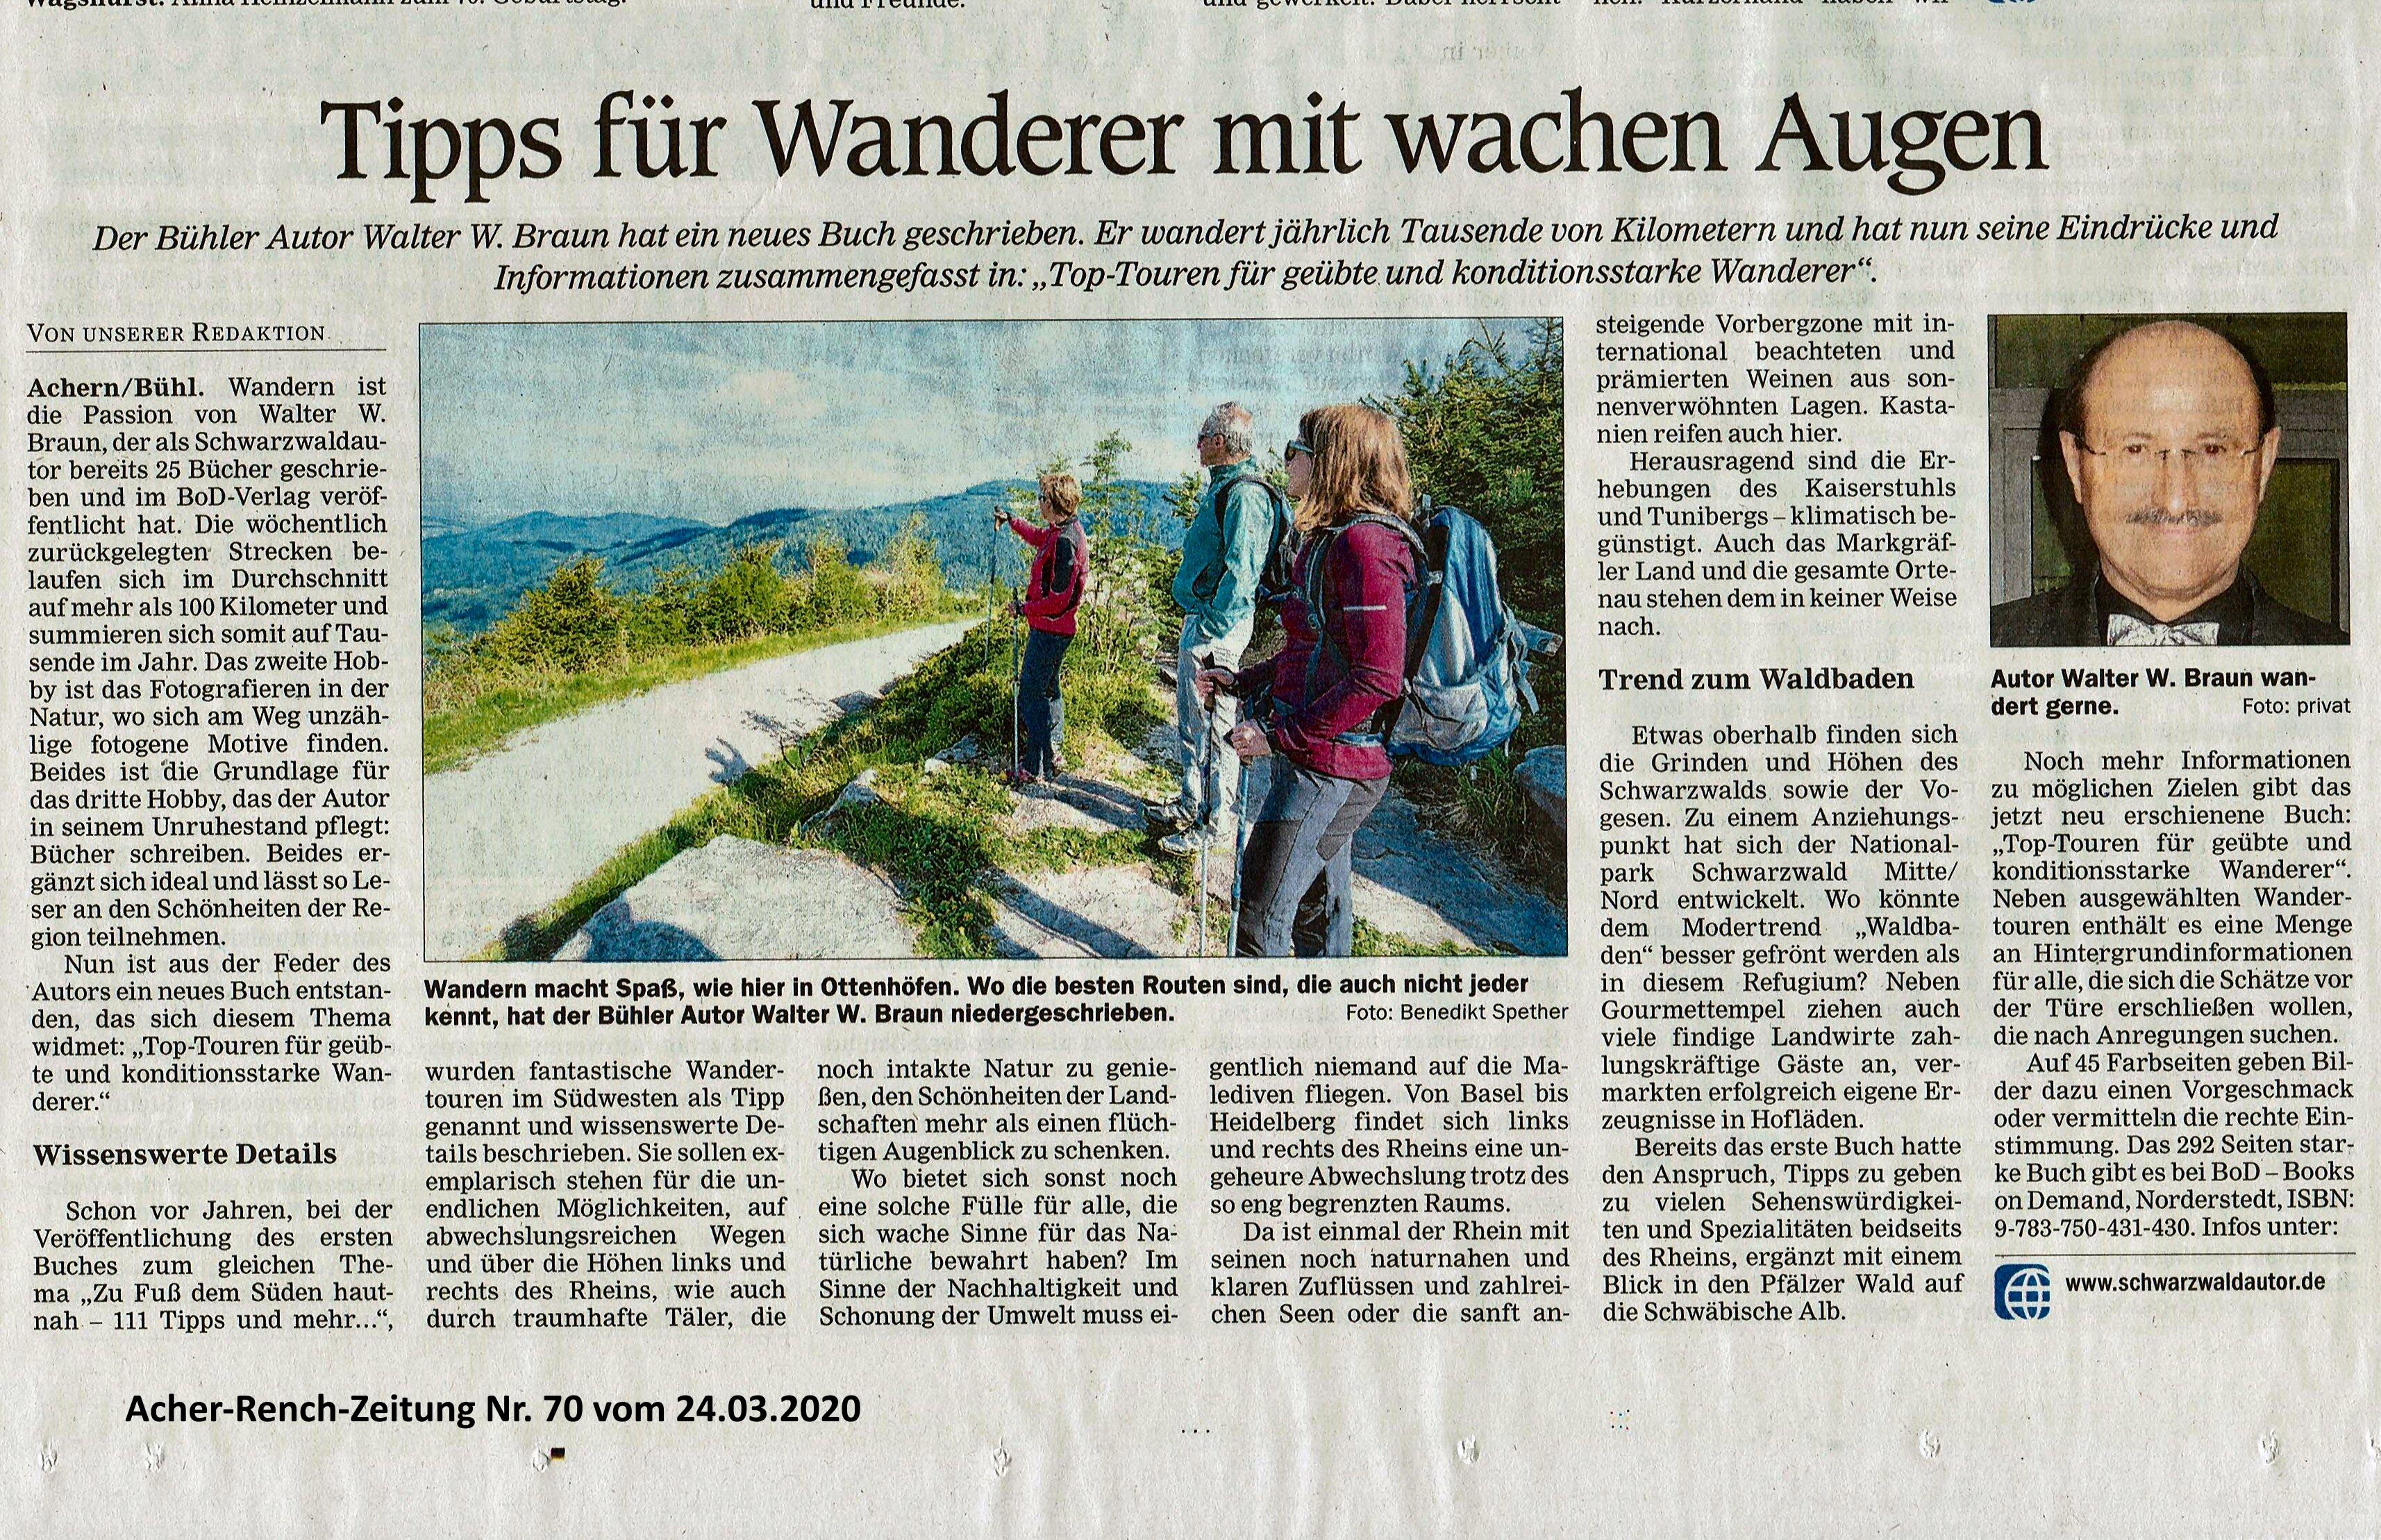 Acher Rench Zeitung Achern